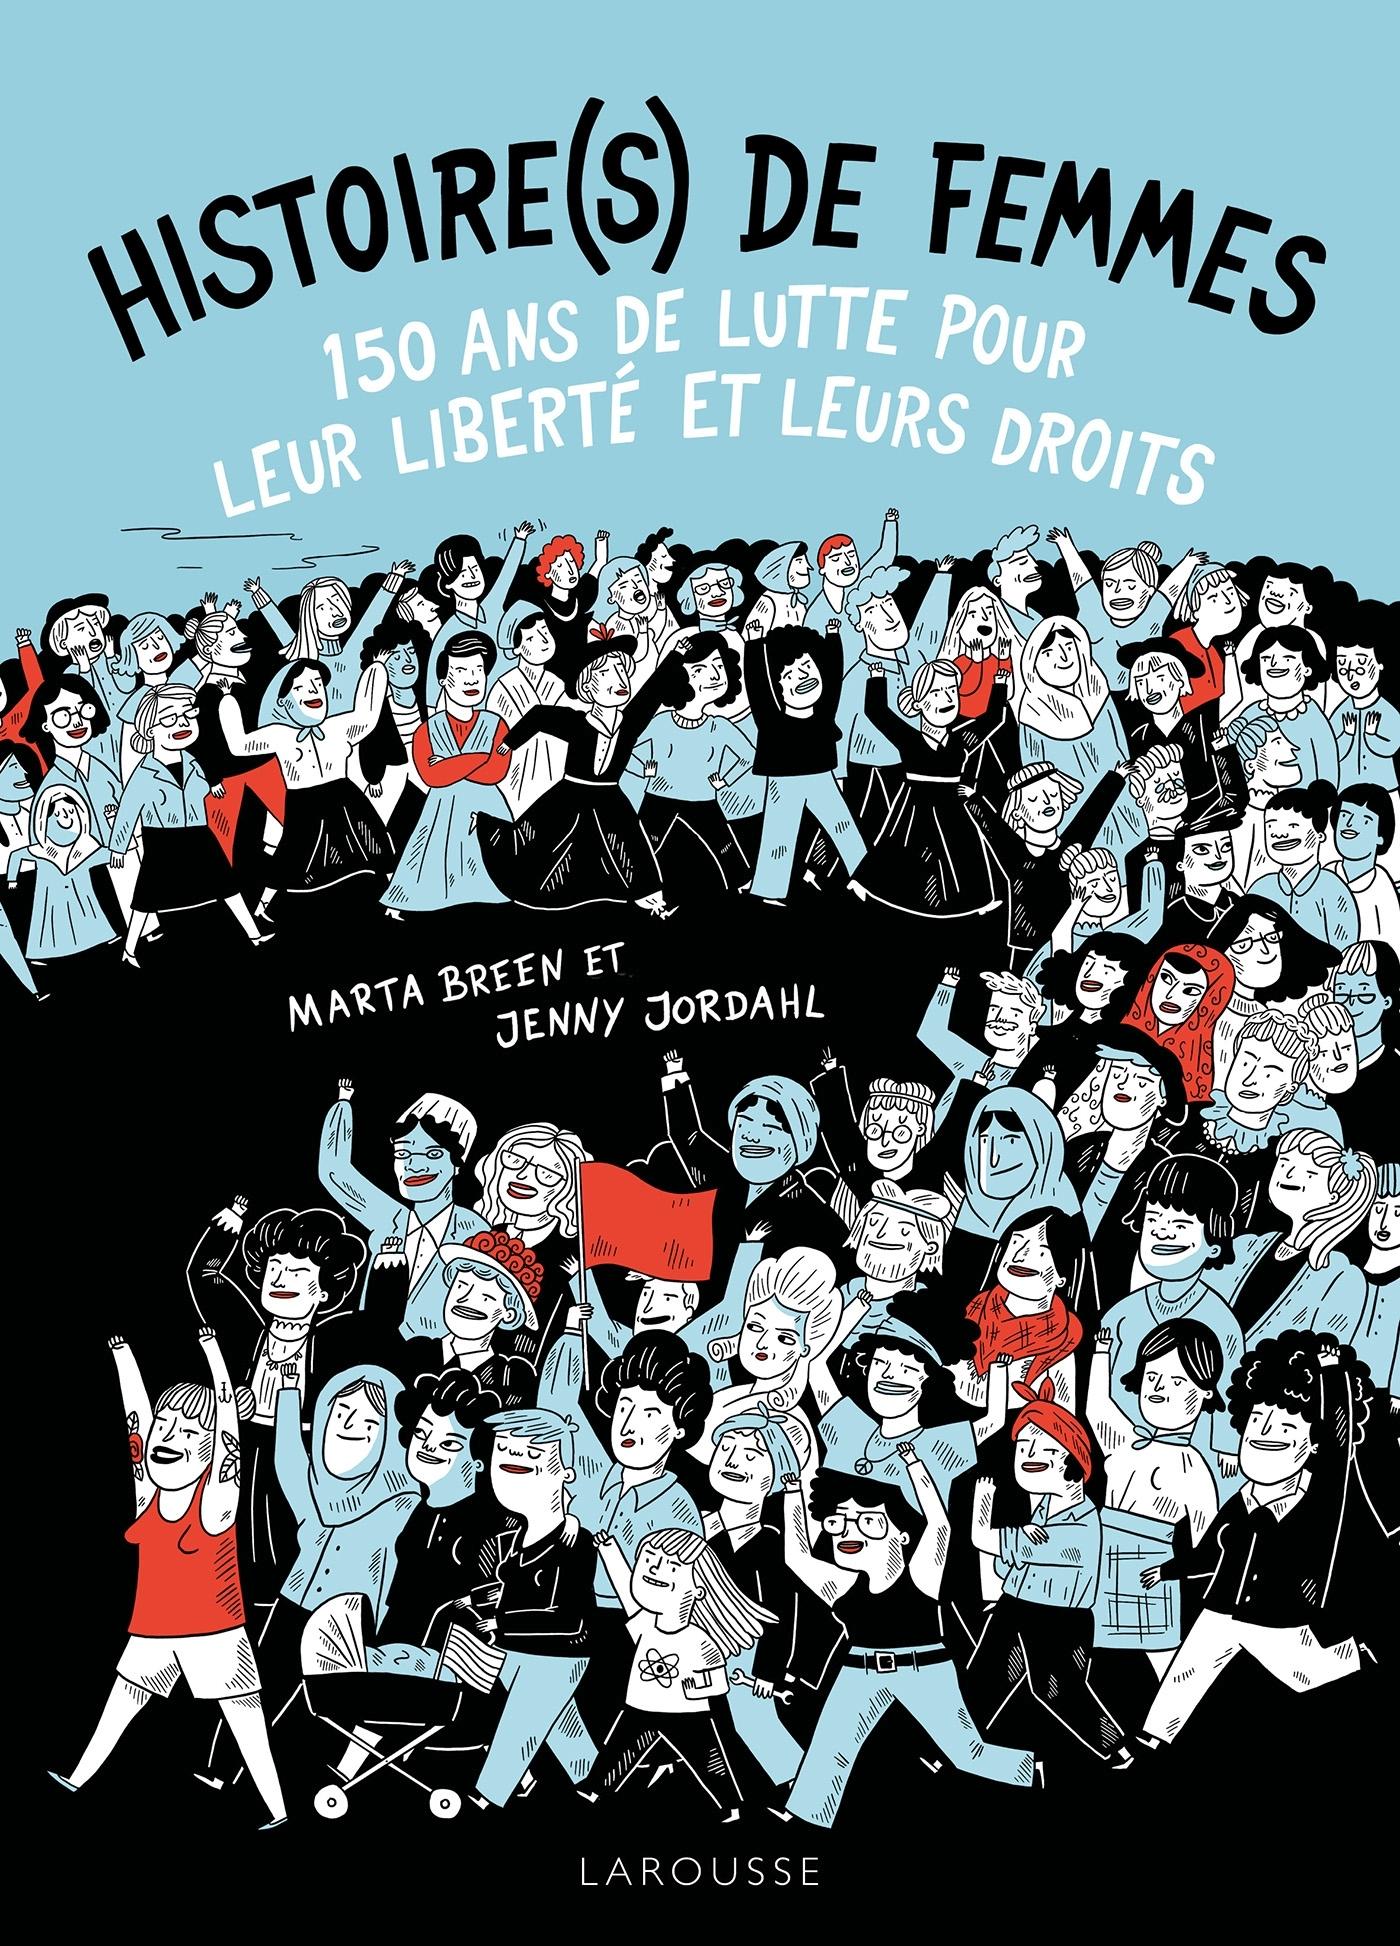 150 ANS DE LUTTE POUR LES DROITS DES FEMMES